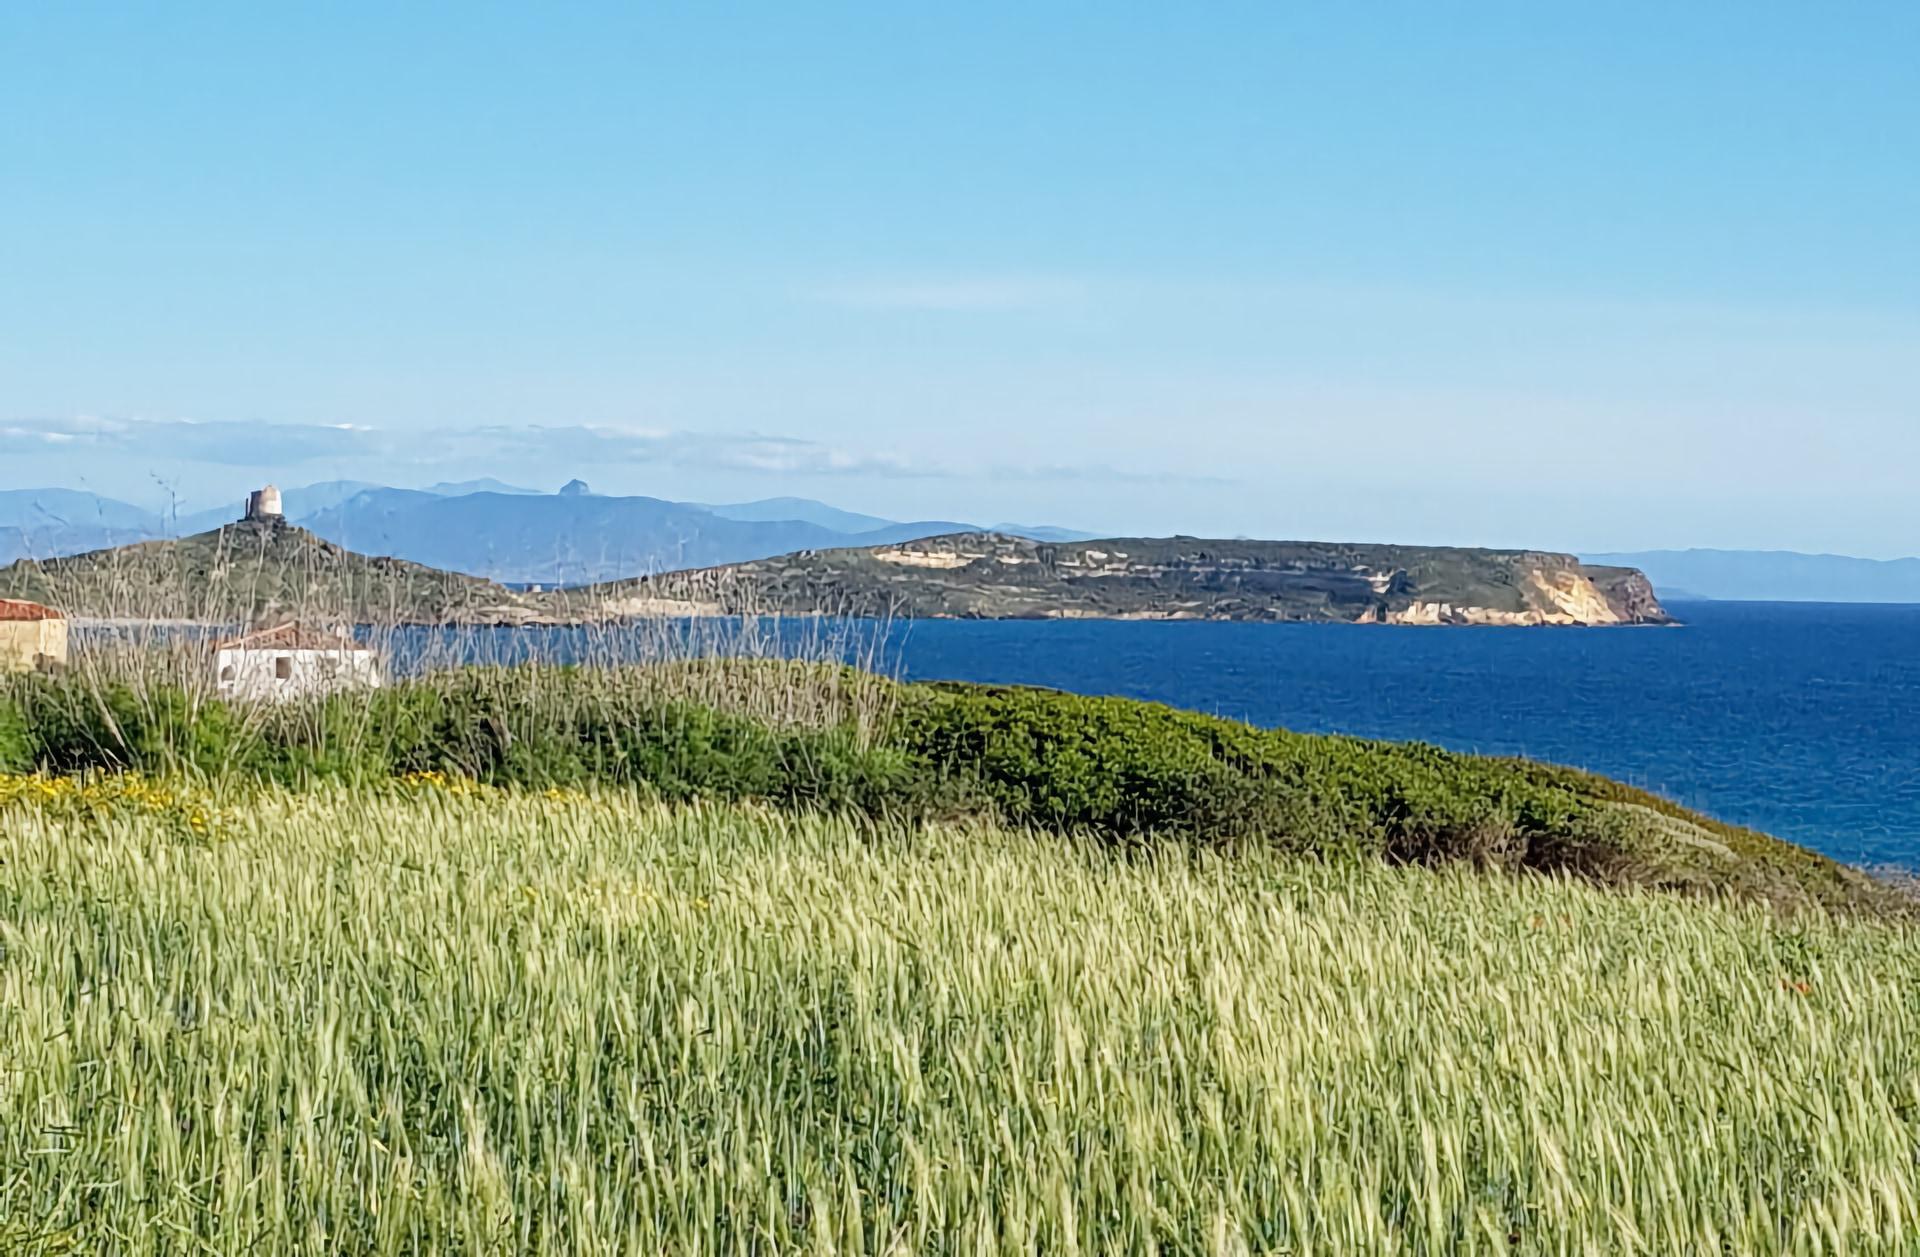 Panorama sul mare del Sinis visto da un prato verde